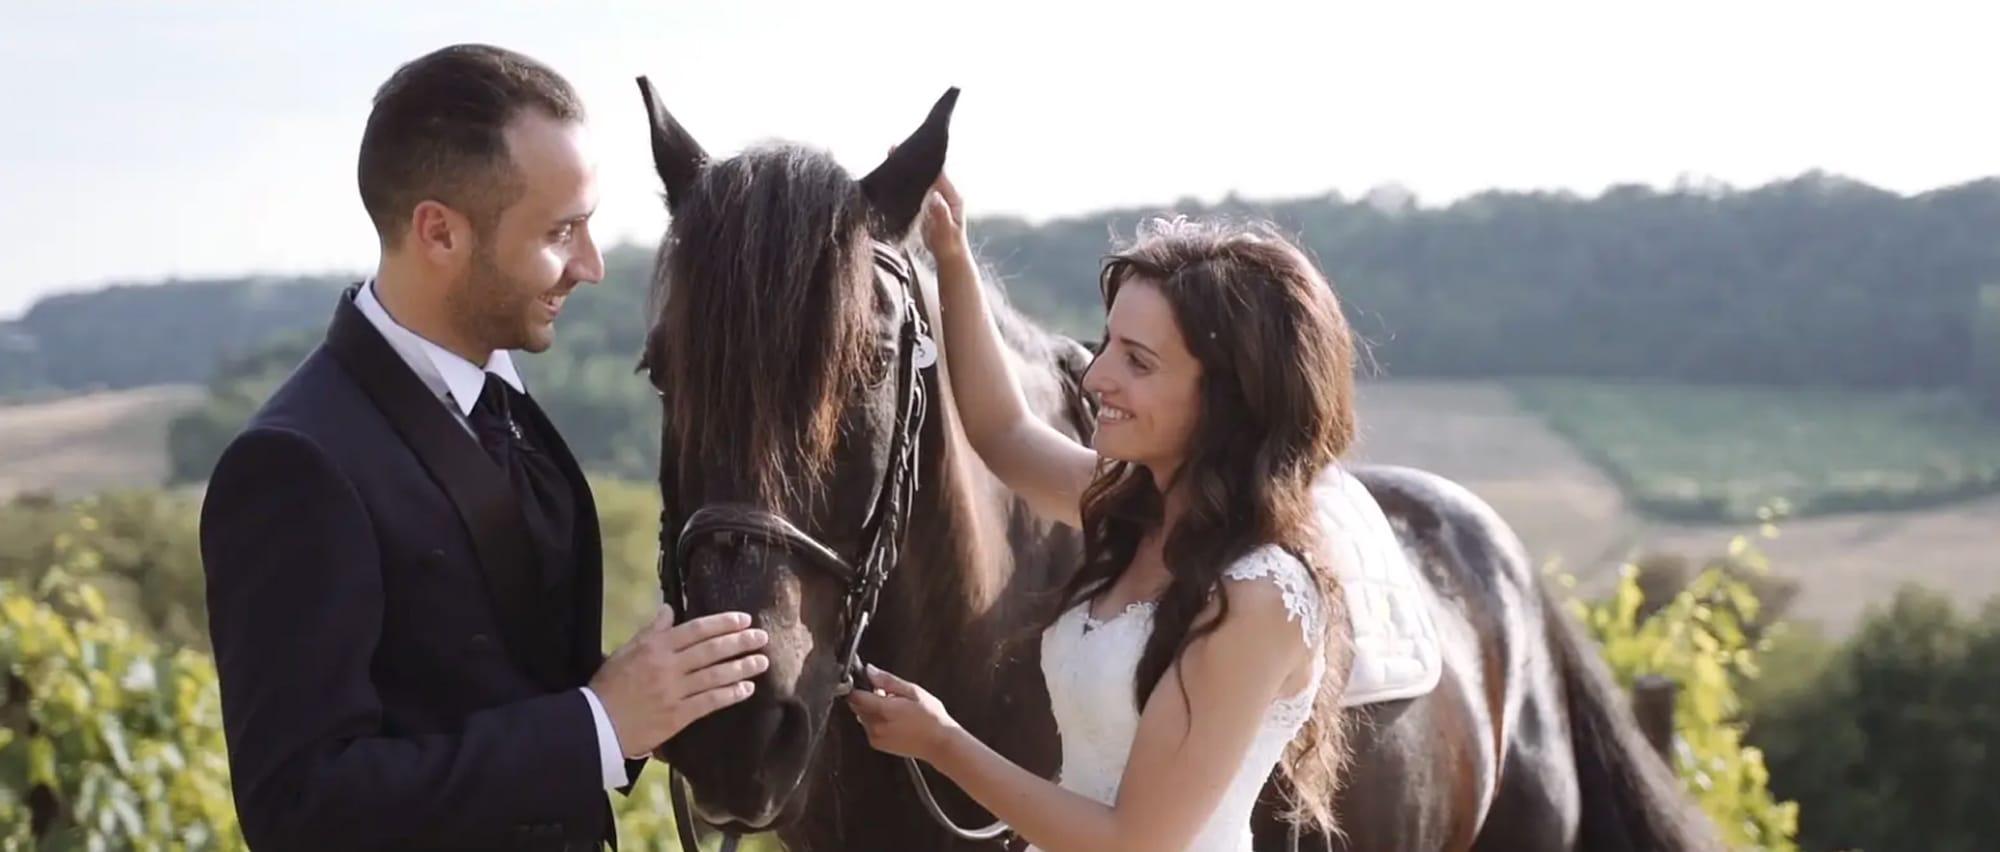 wedding videomakeri in il paese dei campanelli barberino val d elsa florence